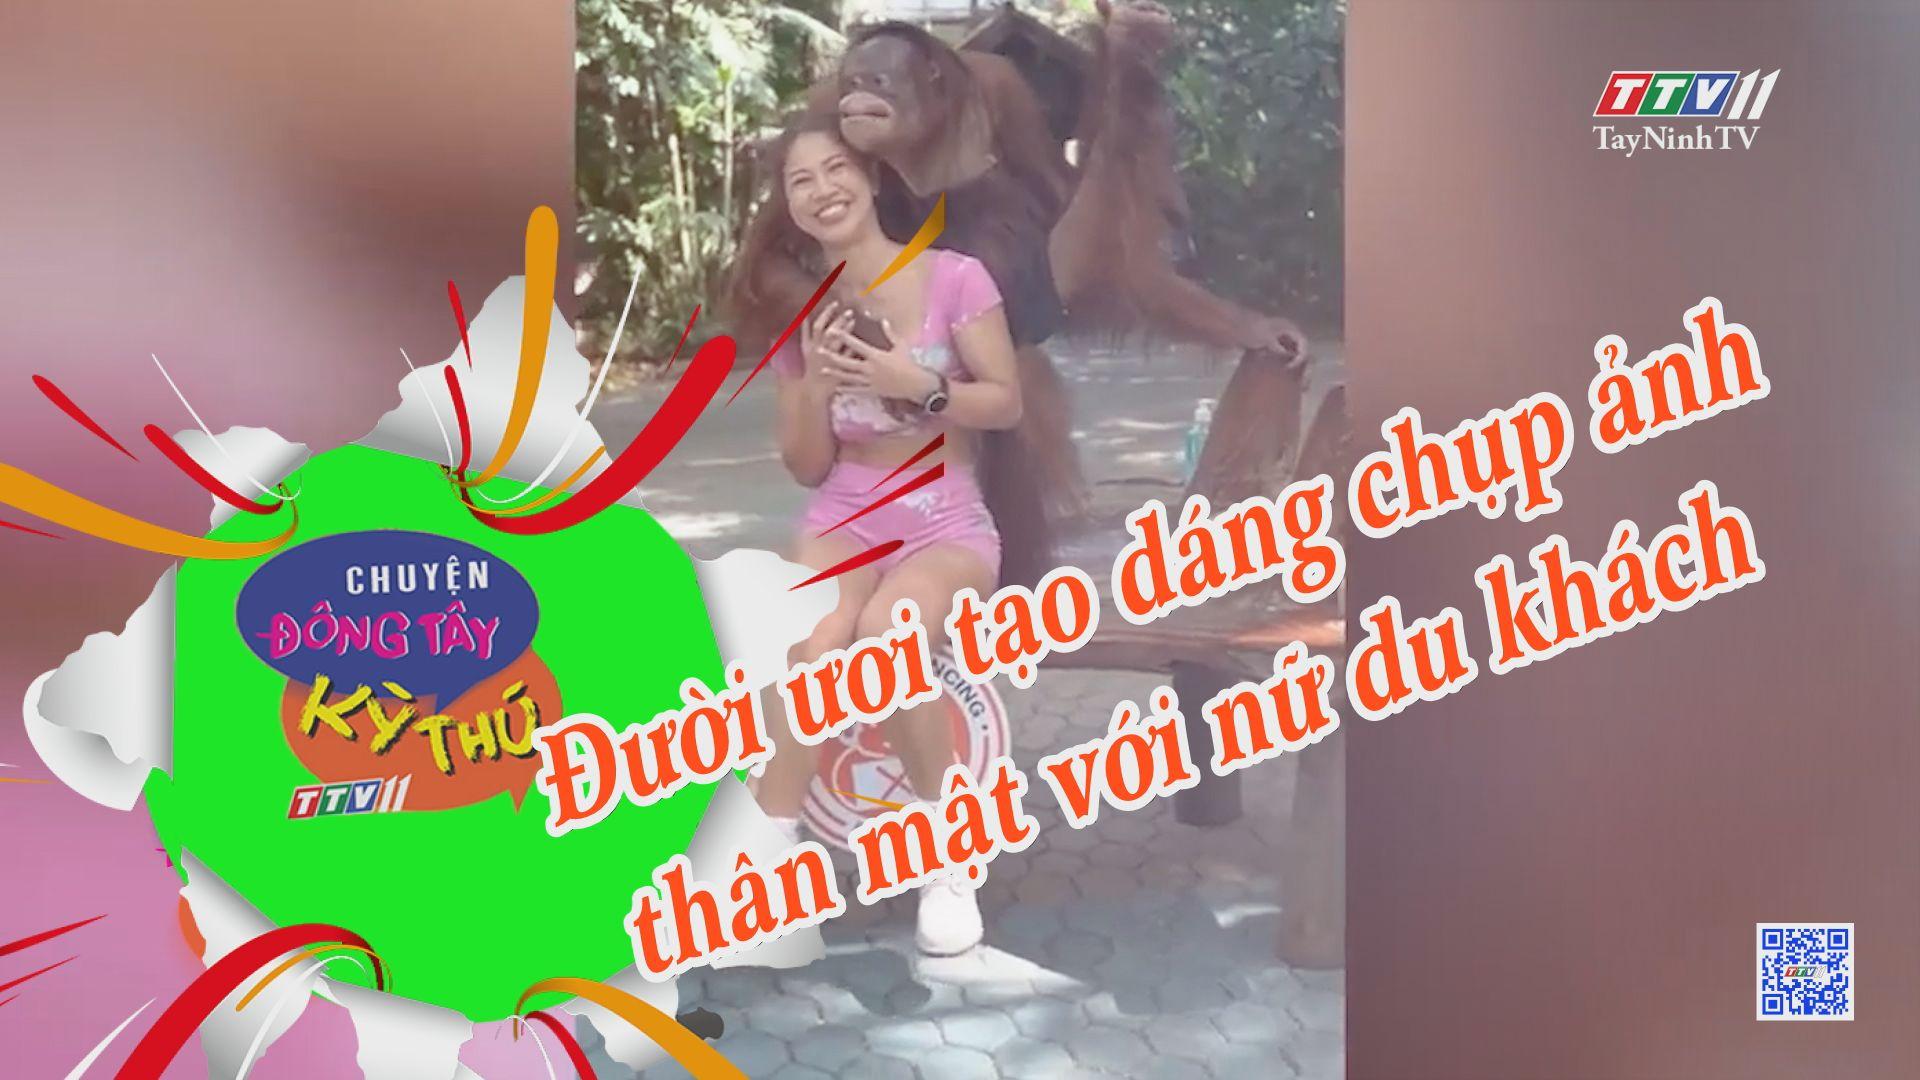 Đười ươi tạo dáng chụp ảnh thân mật với nữ du khách | CHUYỆN ĐÔNG TÂY KỲ THÚ | TayNinhTVE